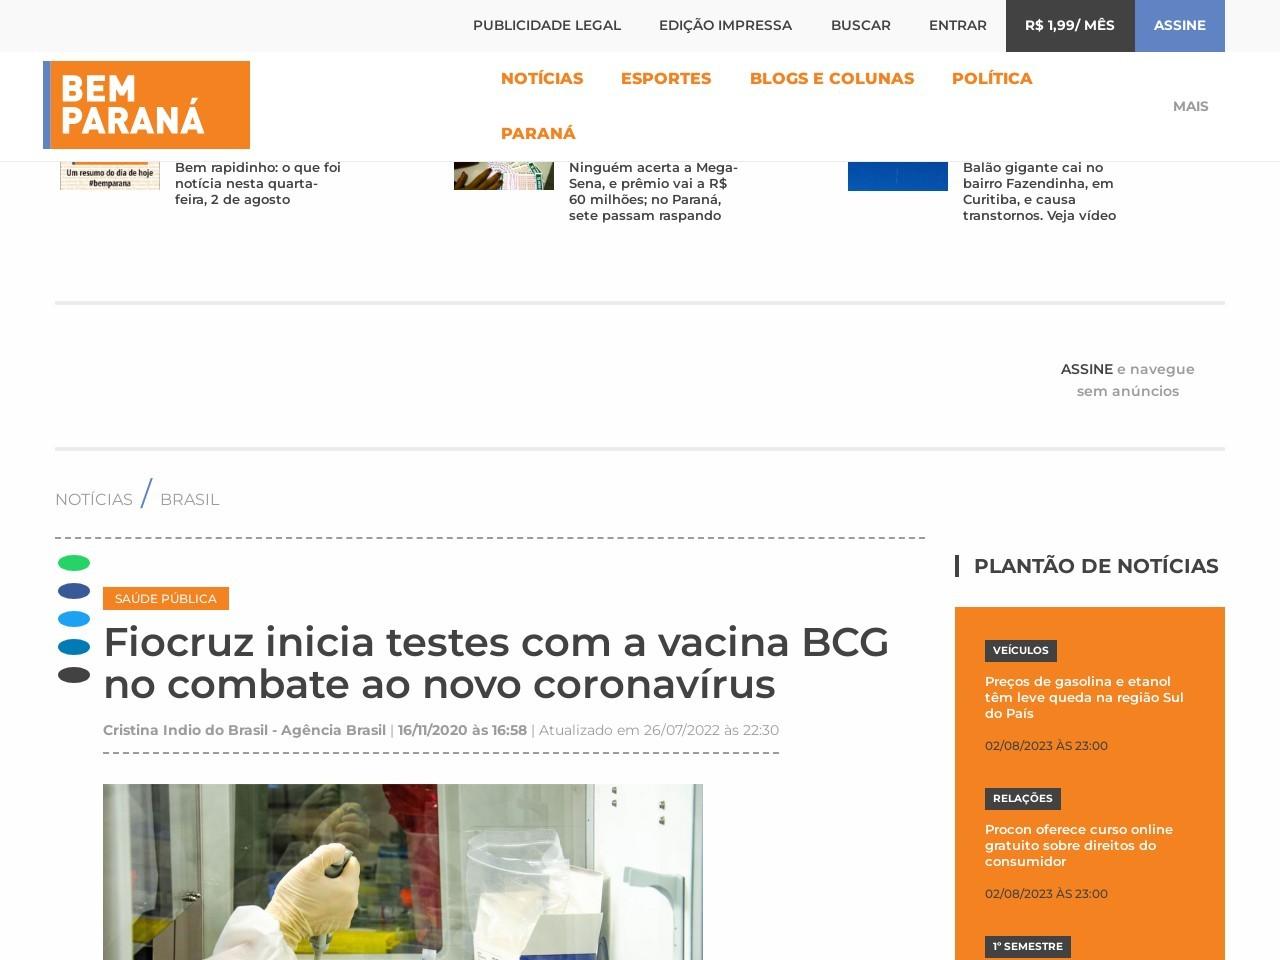 Fiocruz inicia testes com a vacina BCG no combate ao novo coronavírus - Bem Paraná